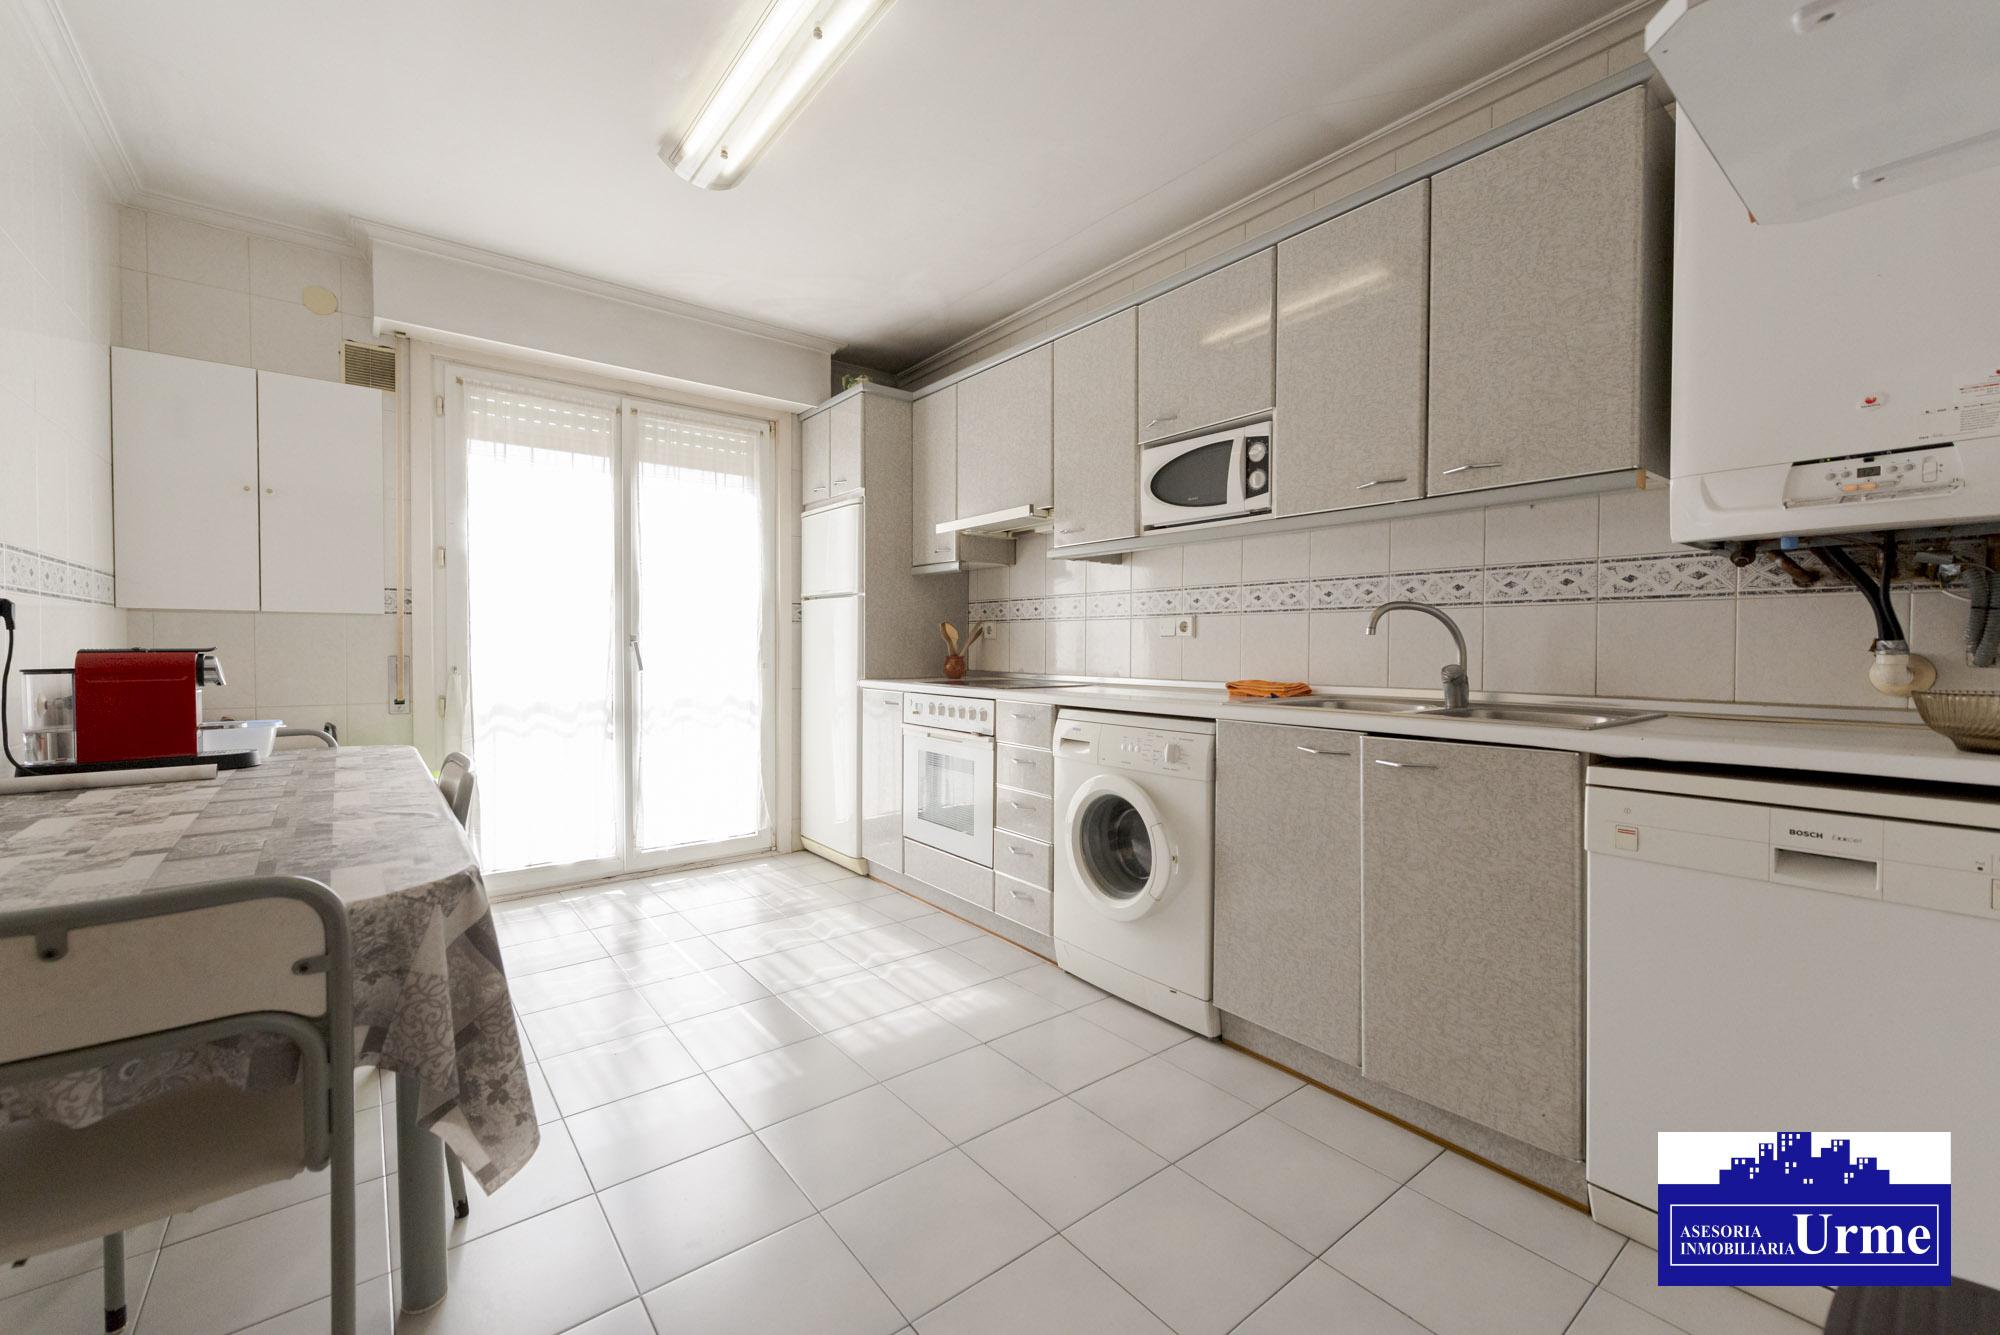 Pisazo de 90m2+85 m2 de trastero comunicado con la vivienda!!!!Informate!!! garaje opcional en el mismo edificio..